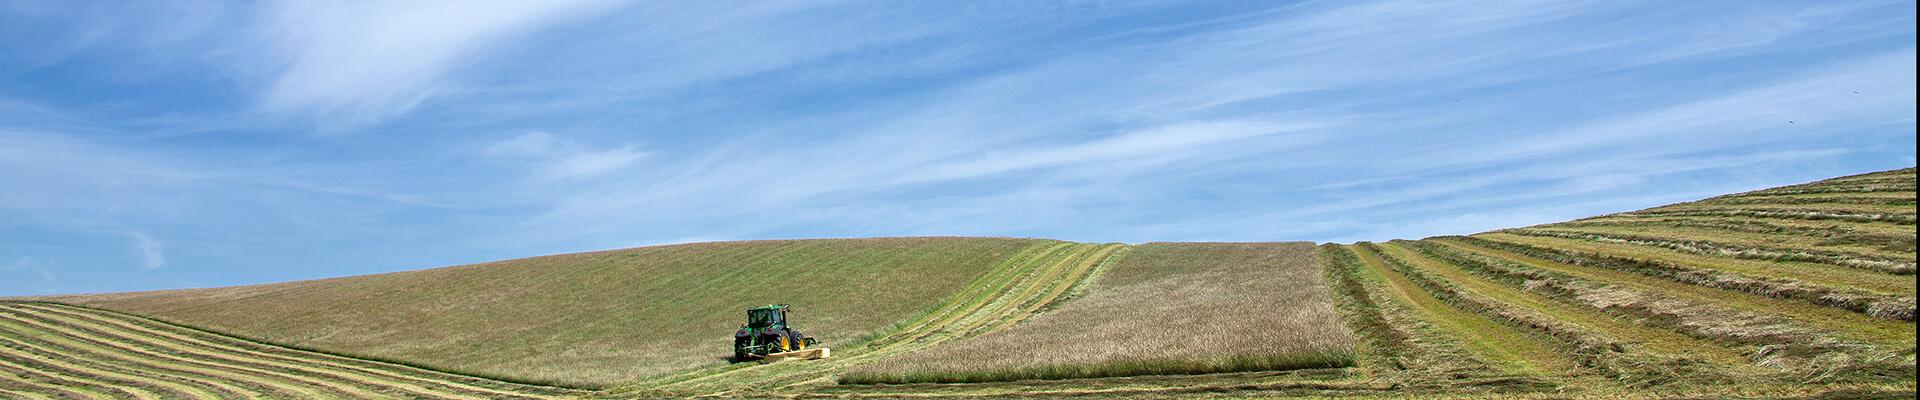 Feld mit Traktor